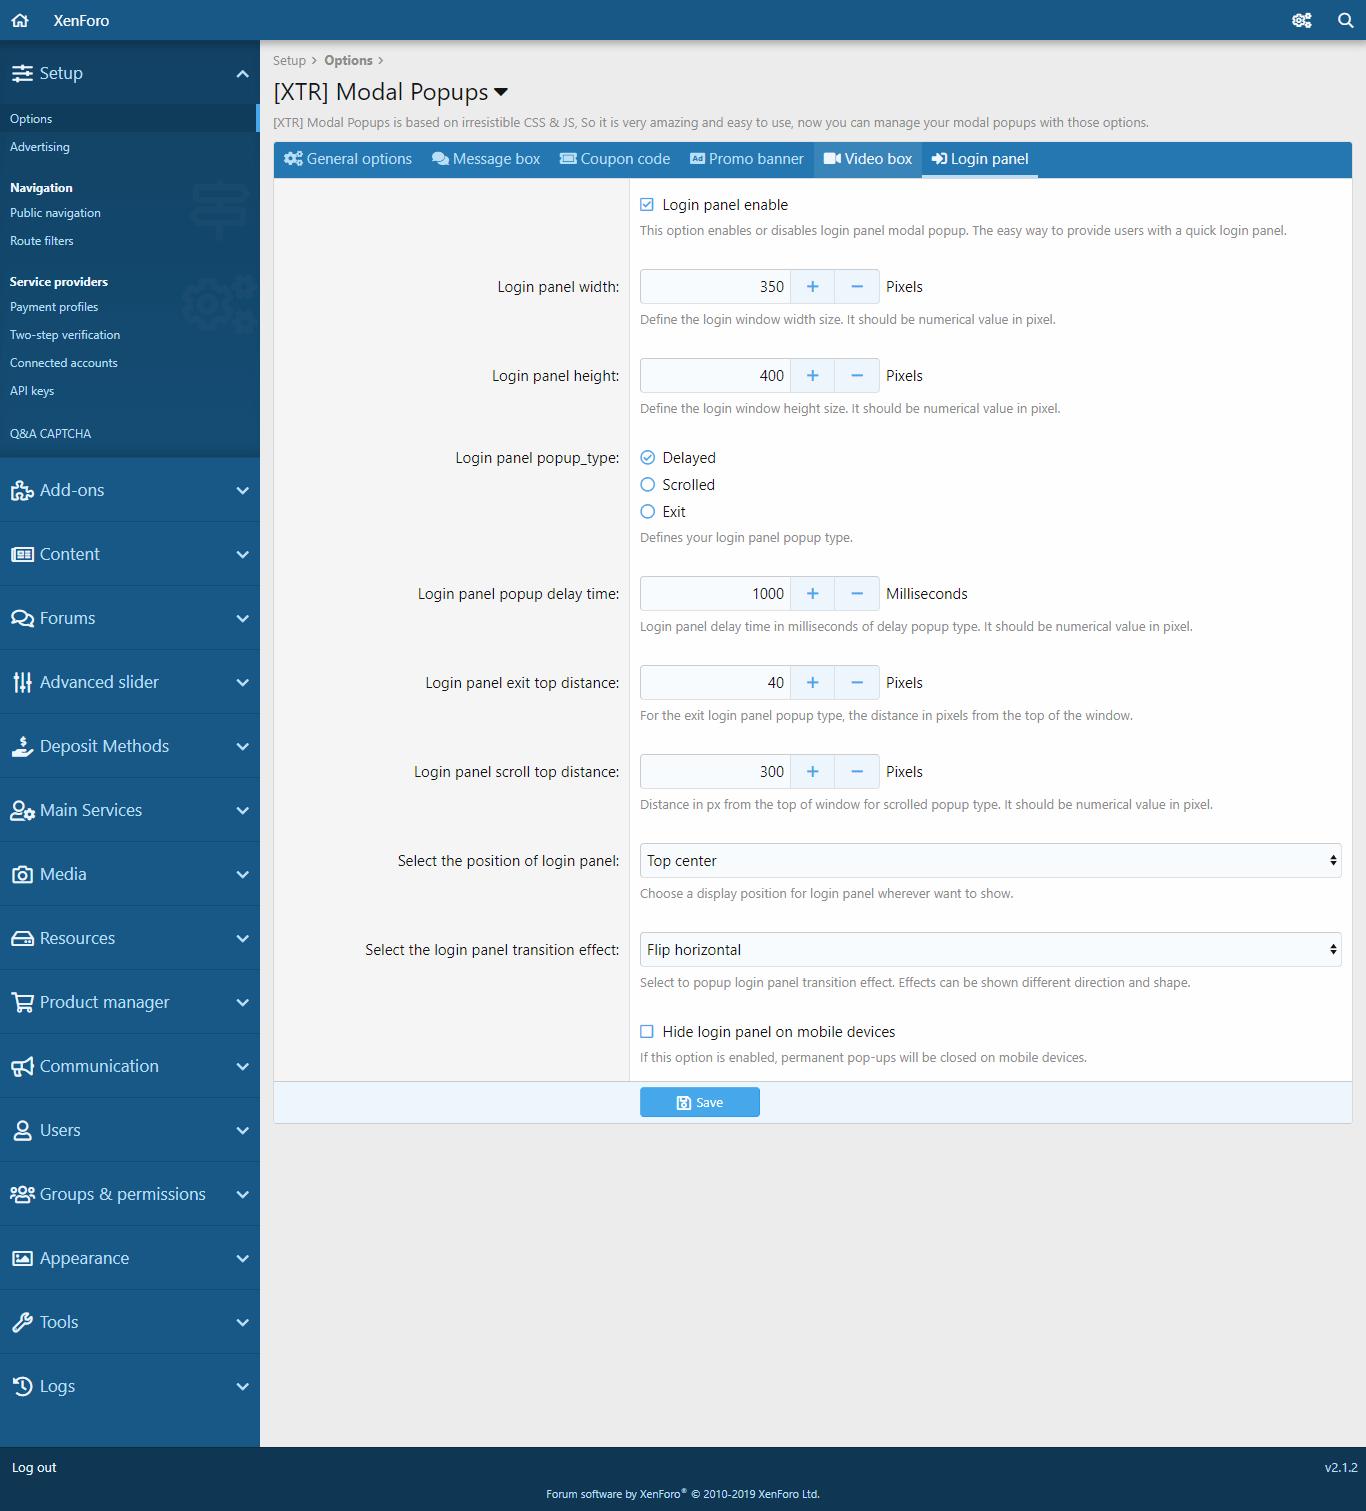 login--panel.png